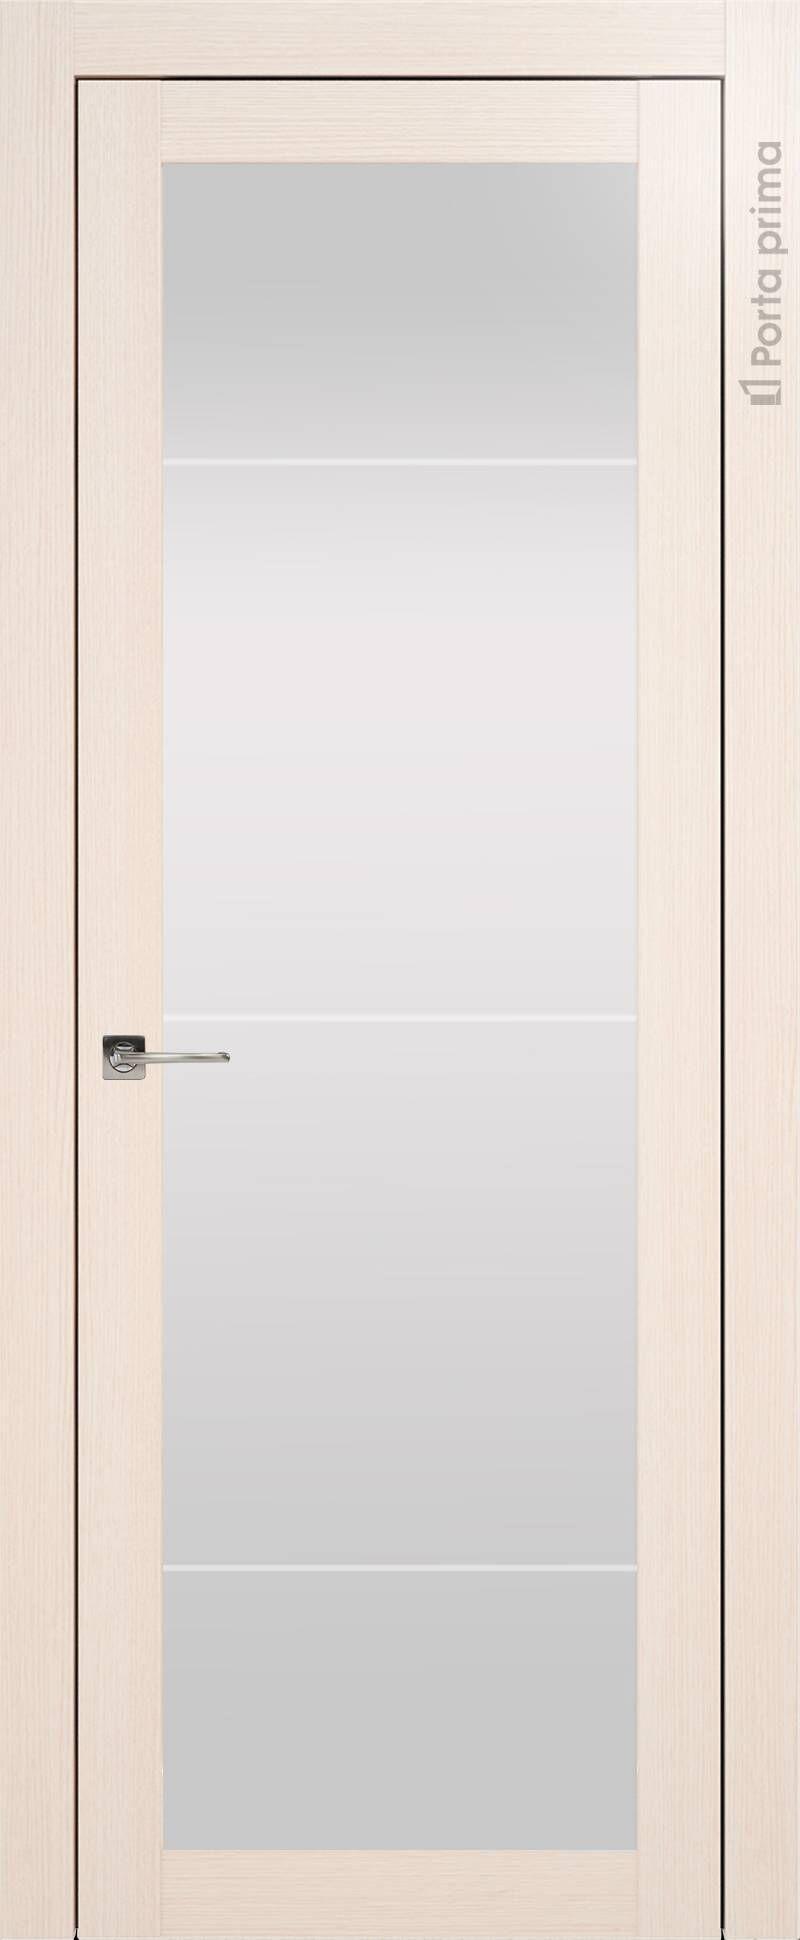 Tivoli З-3 цвет - Беленый дуб Со стеклом (ДО)